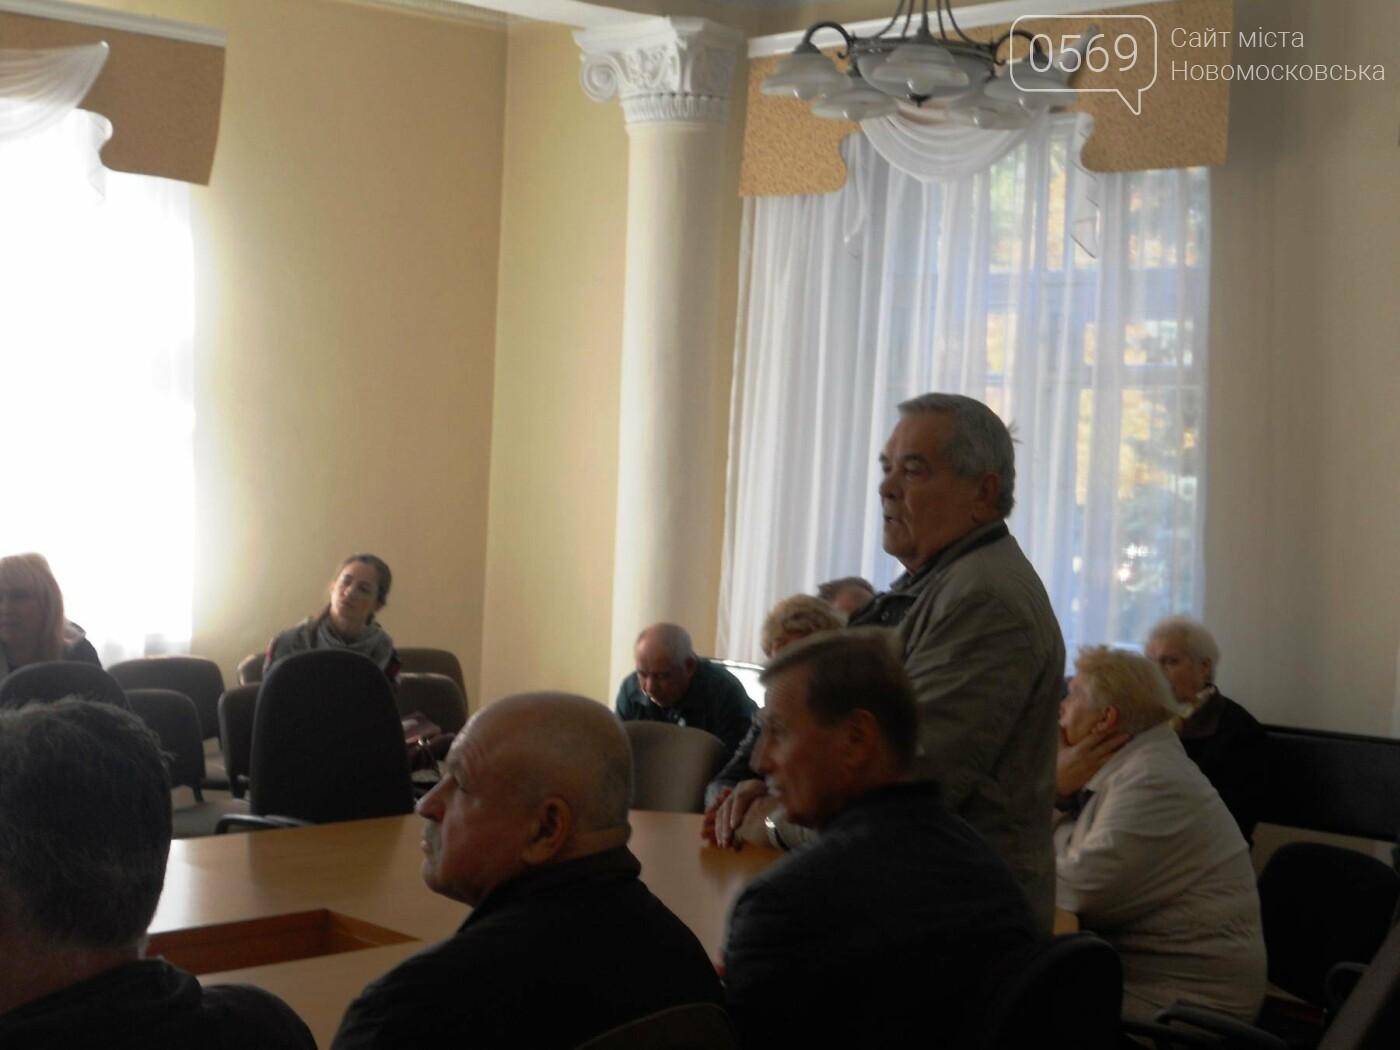 В Новомосковске состоялся круглый стол по вопросу объединения громад, фото-3